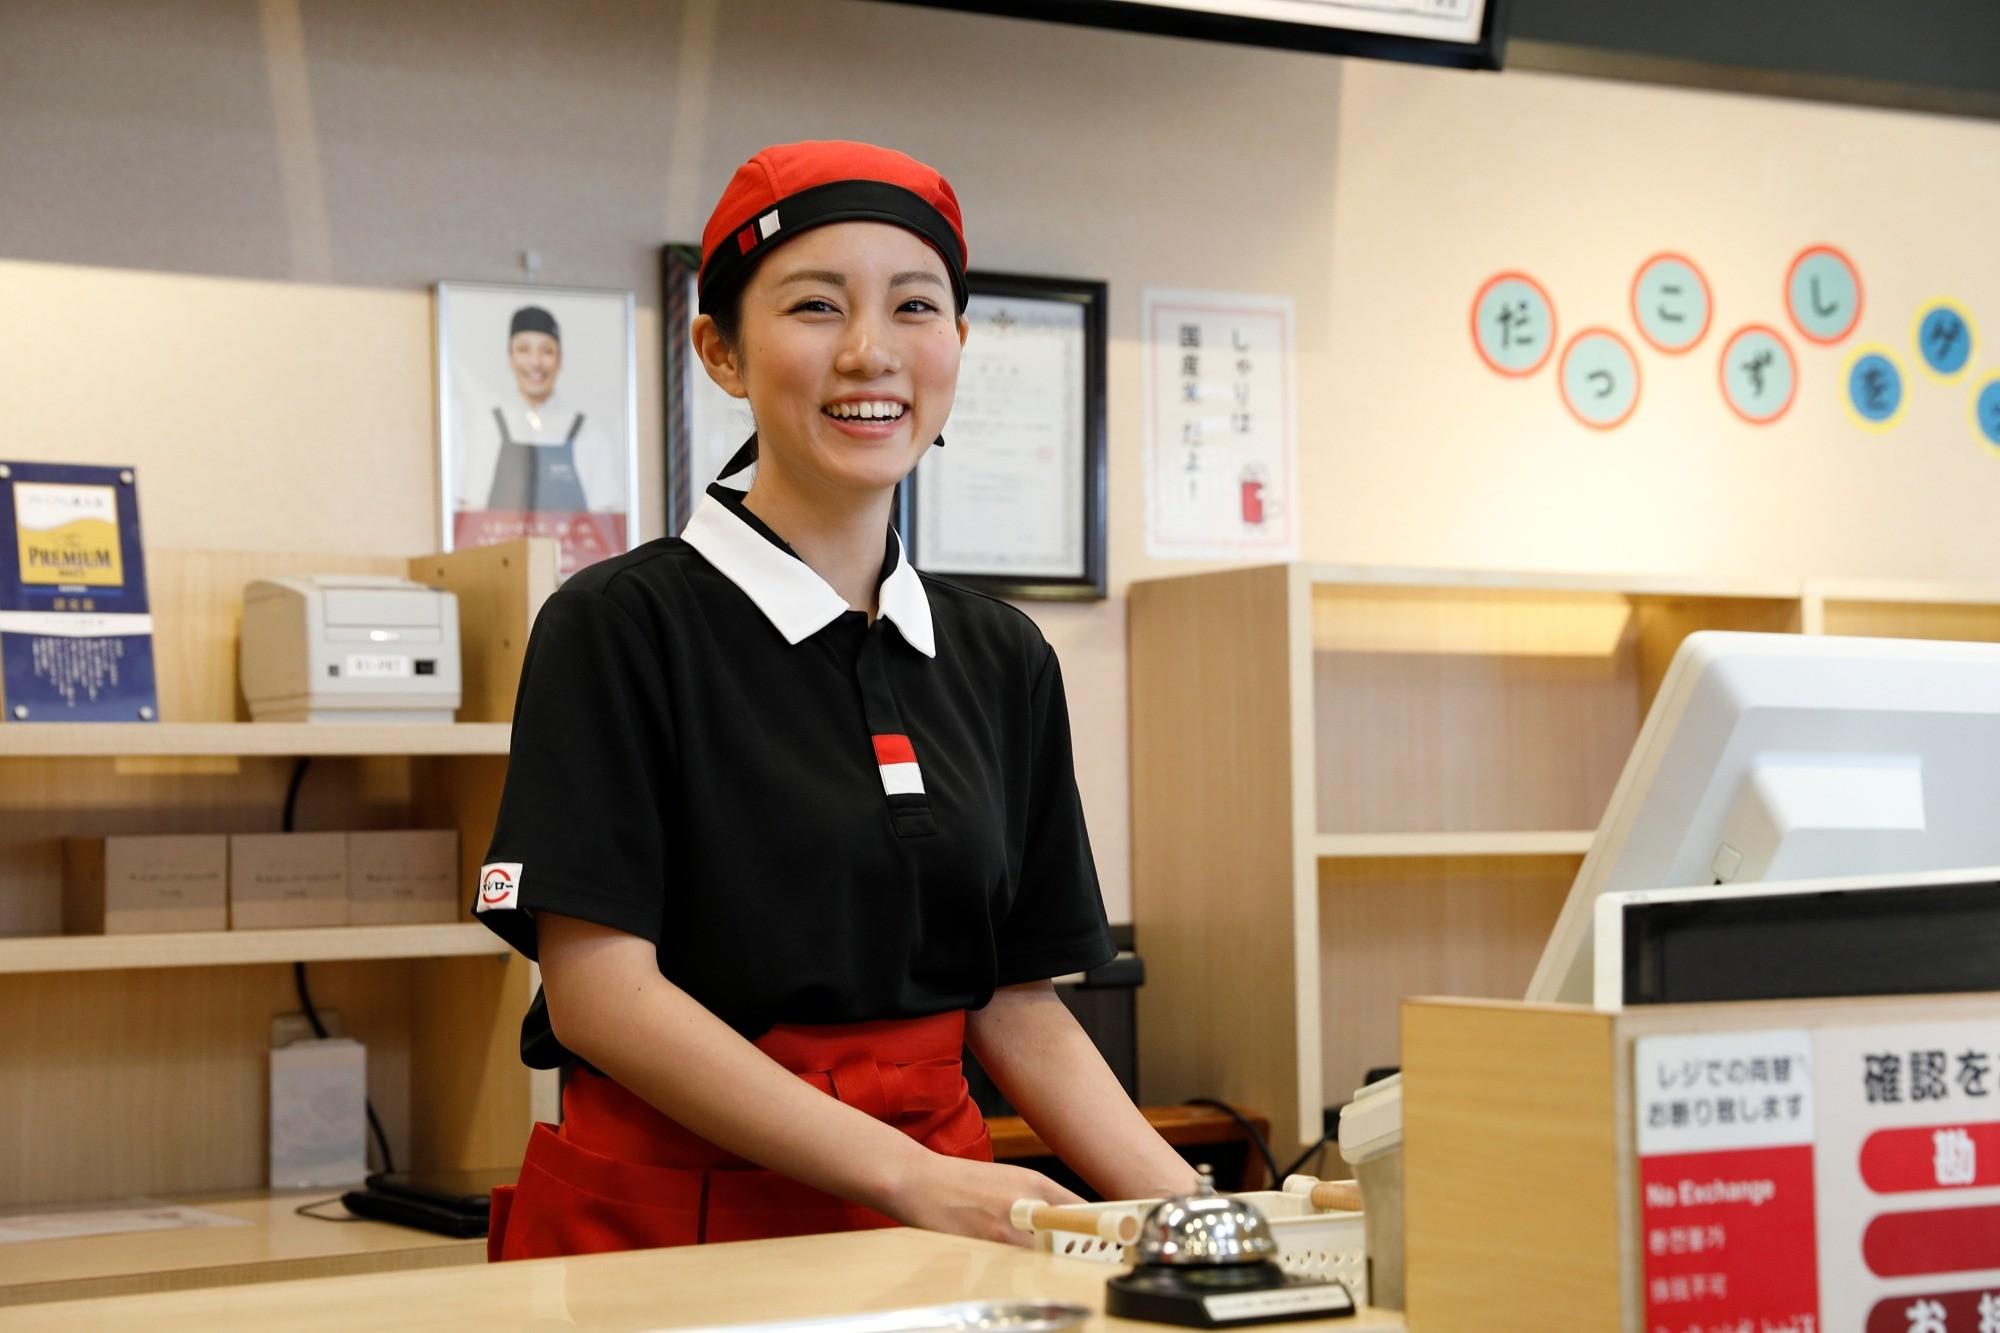 スシロー 浜松幸店のイメージ